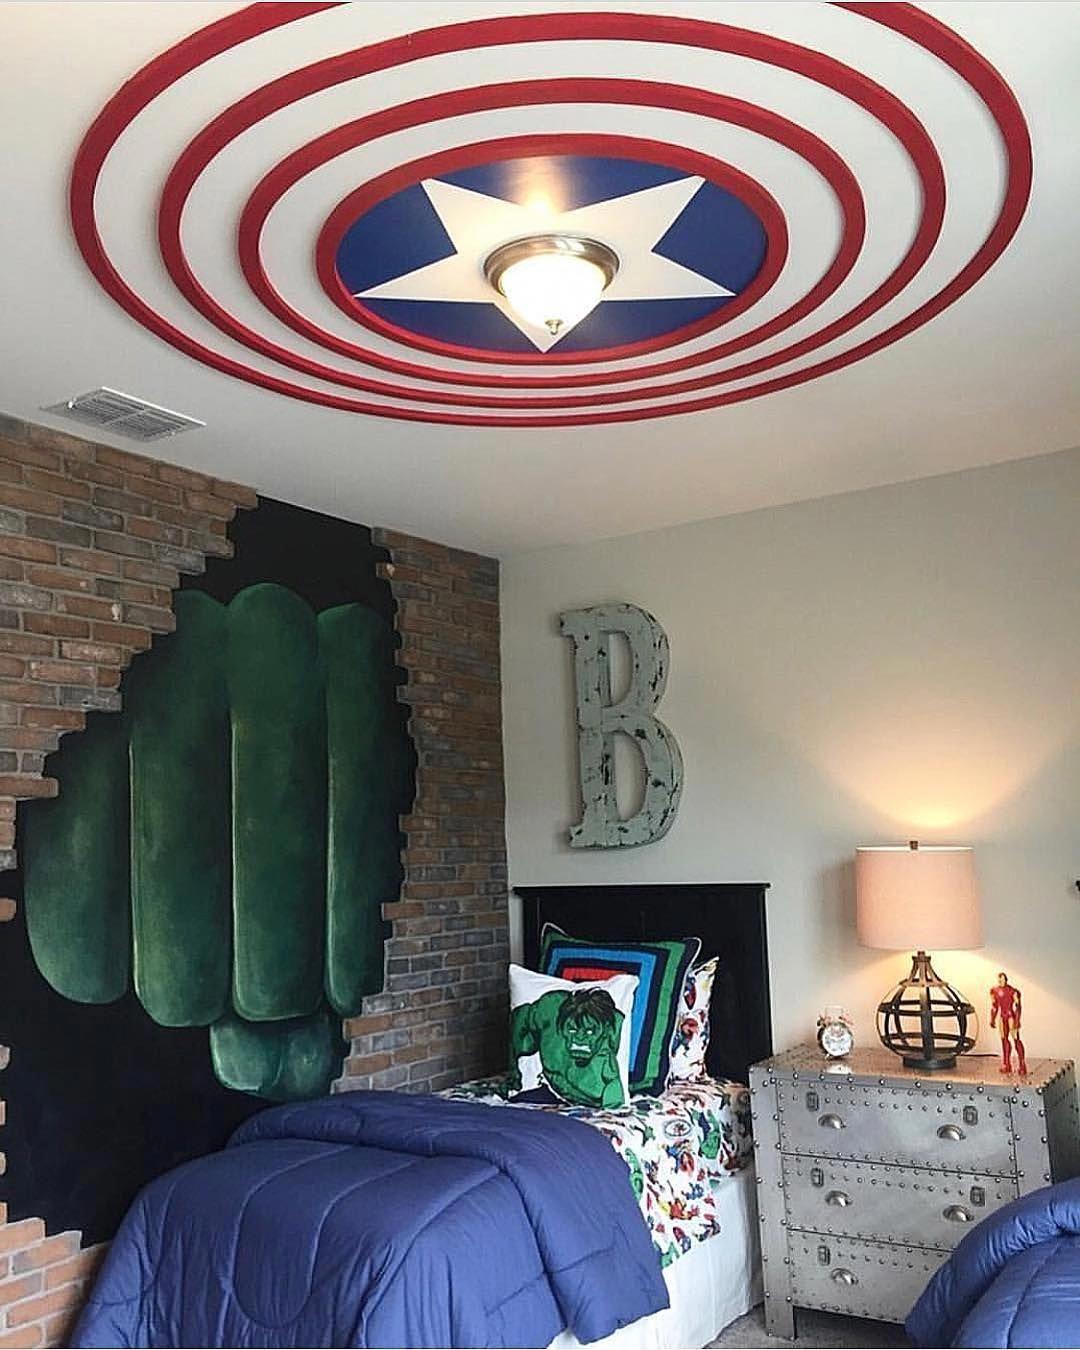 Kidsroomsdecor (mit Bildern) Jungenzimmer, Marvel